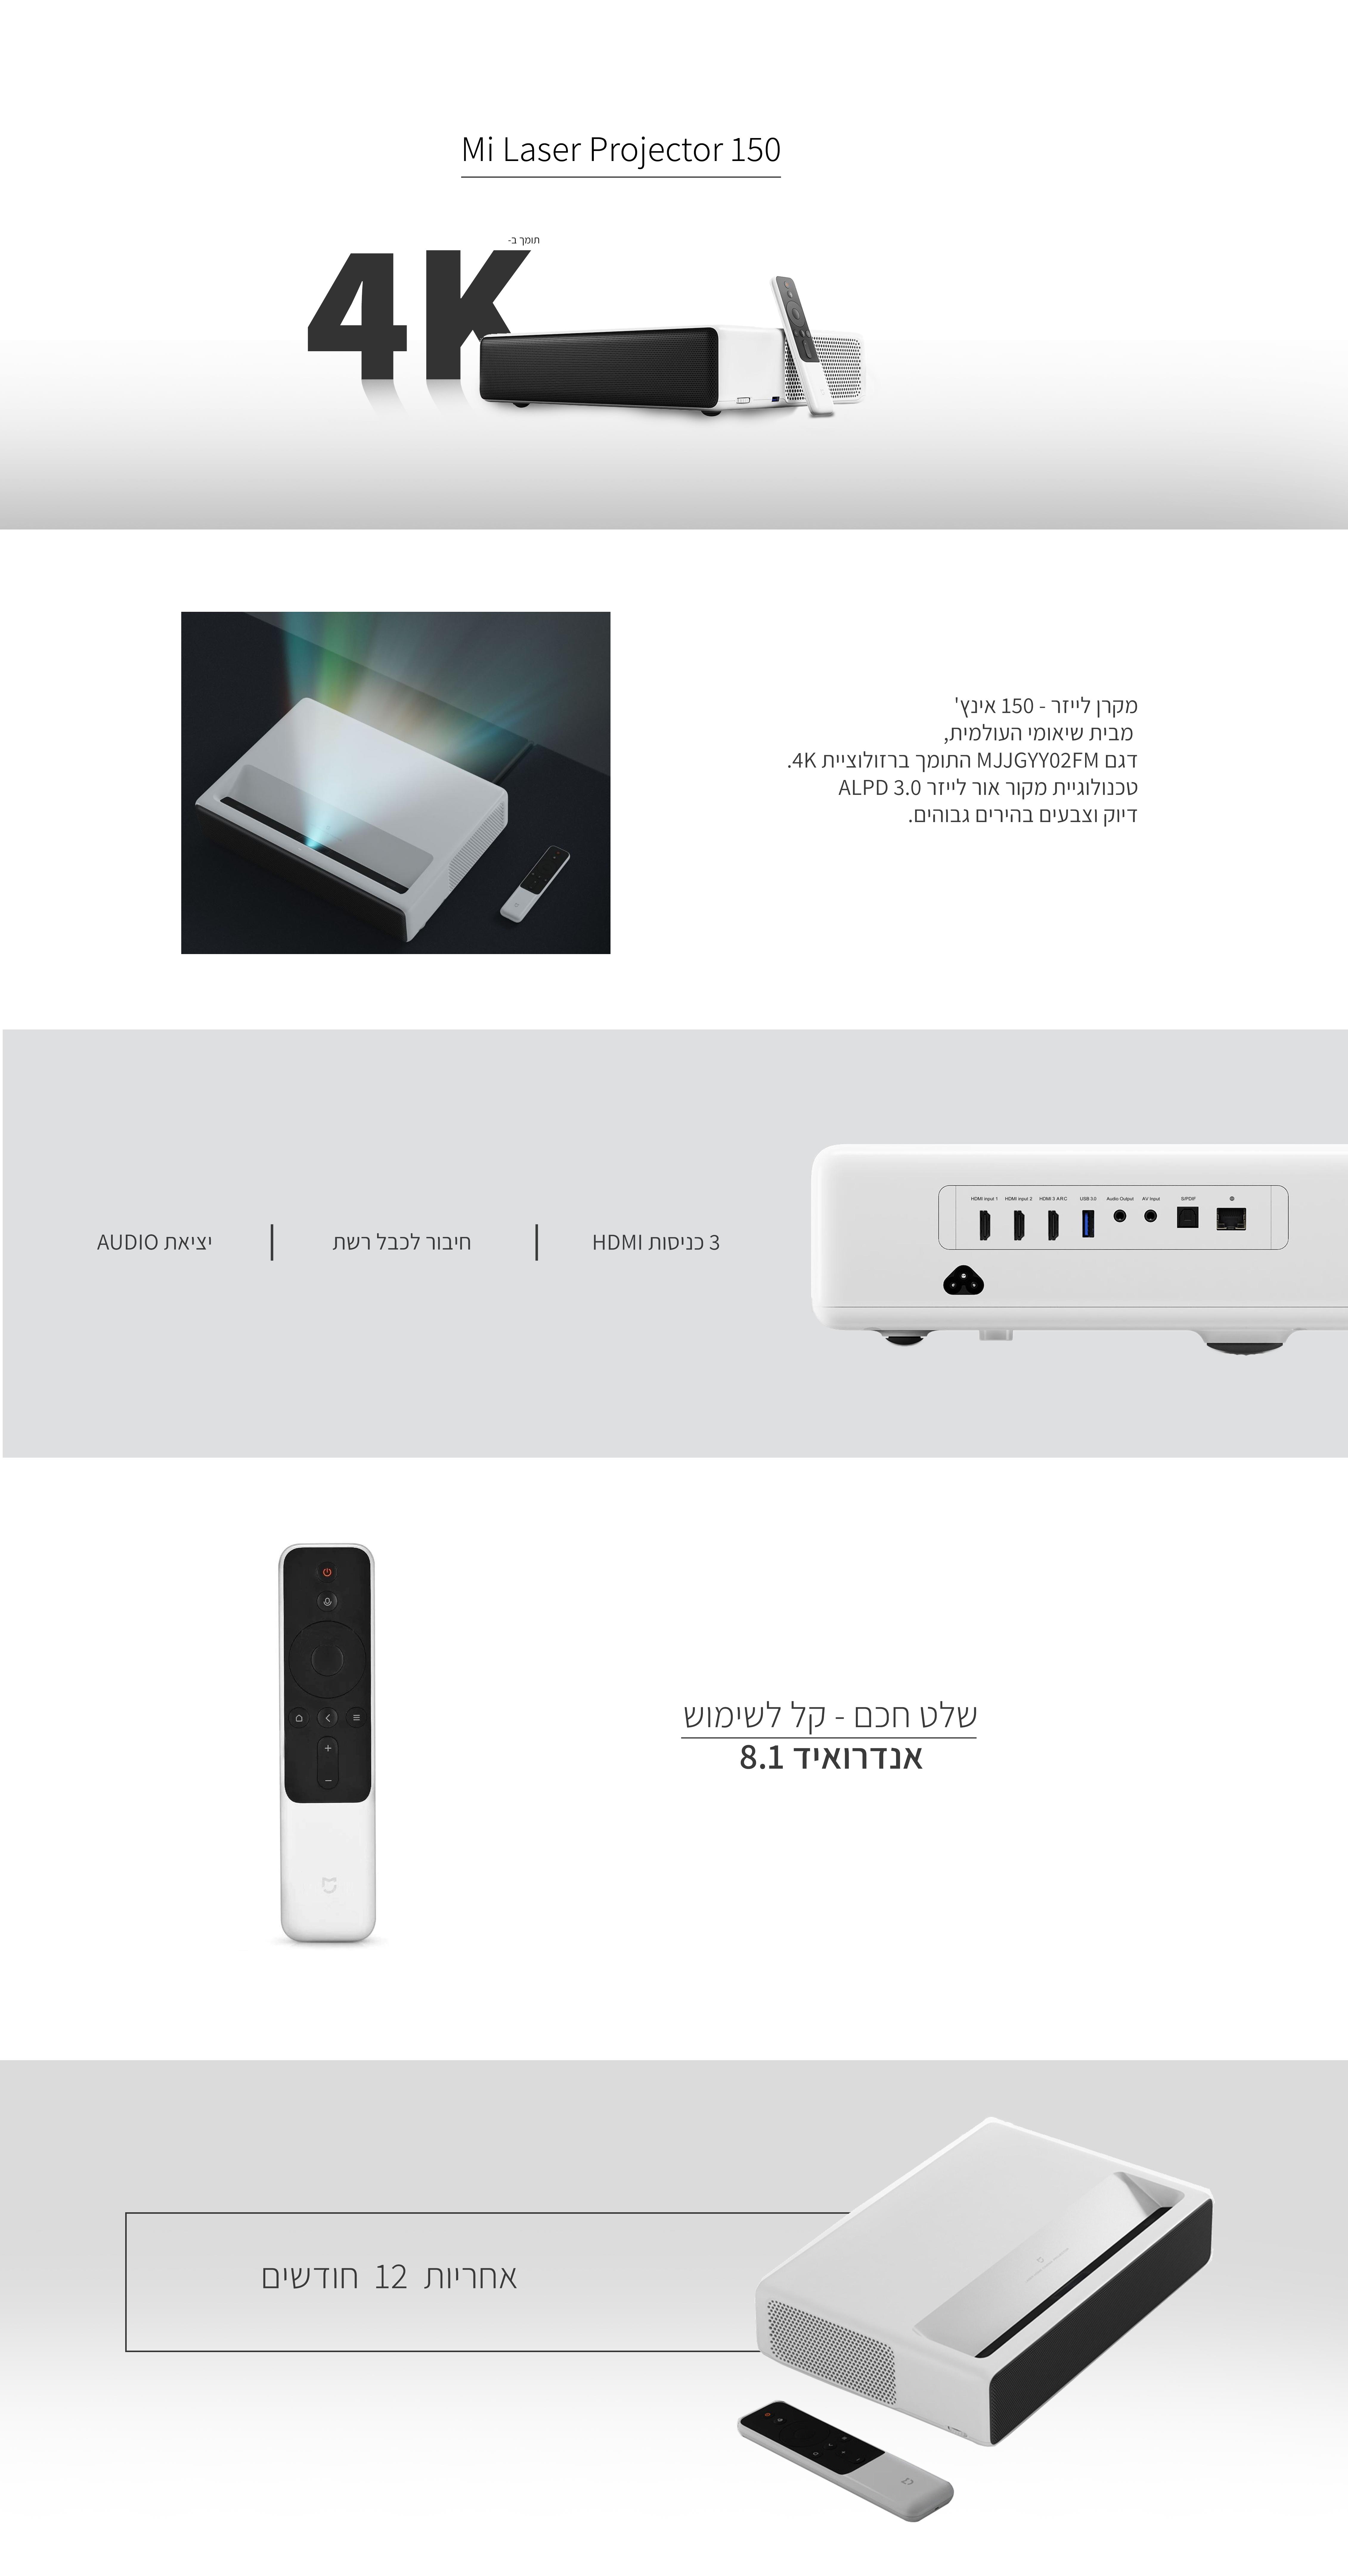 מקרן לייזר - אינץ' Mi Laser Projector 150 מבית שיאומי יבוא מקביל | טלויזיות של Xiaomi הכי זולים בארץ! 32